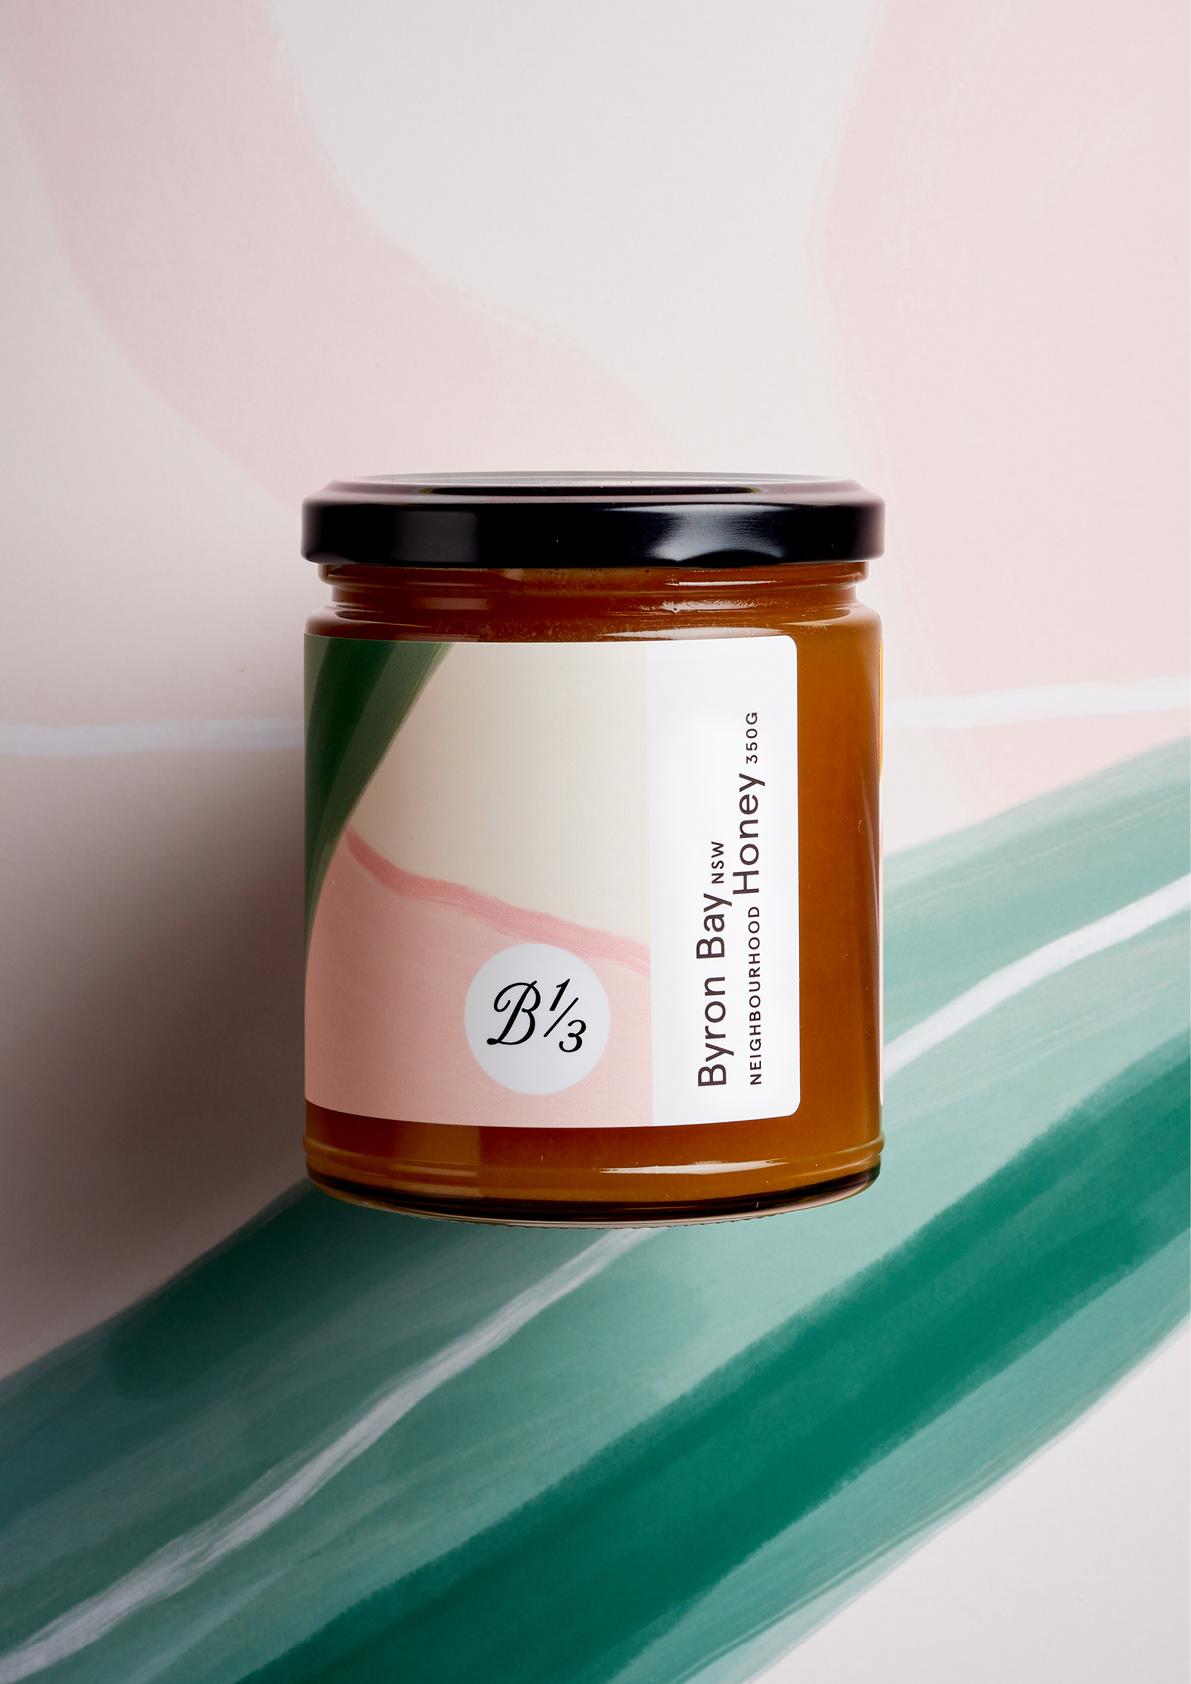 澳大利亚Bee One Third蜂蜜包装设计---酷图编号1282412